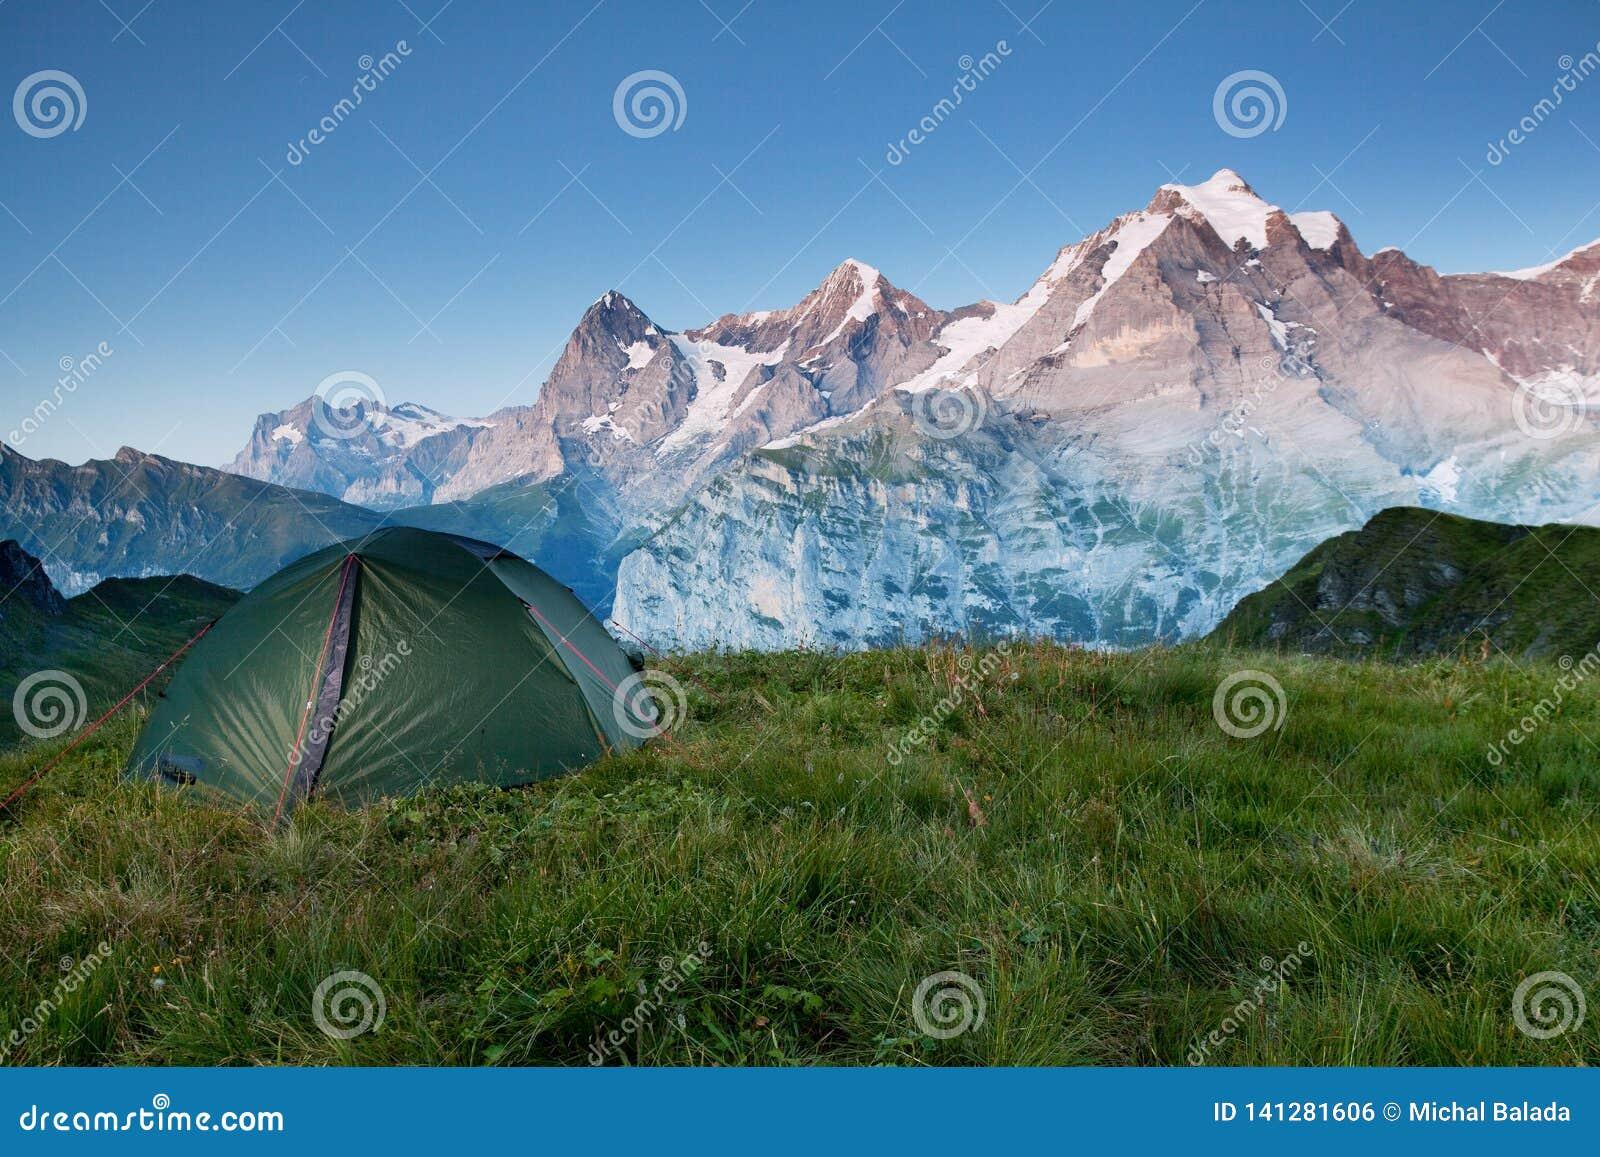 Vallée alpine rougeoyant par lumière du soleil Tente verte dans le pâturage Attraction touristique populaire Scène dramatique et